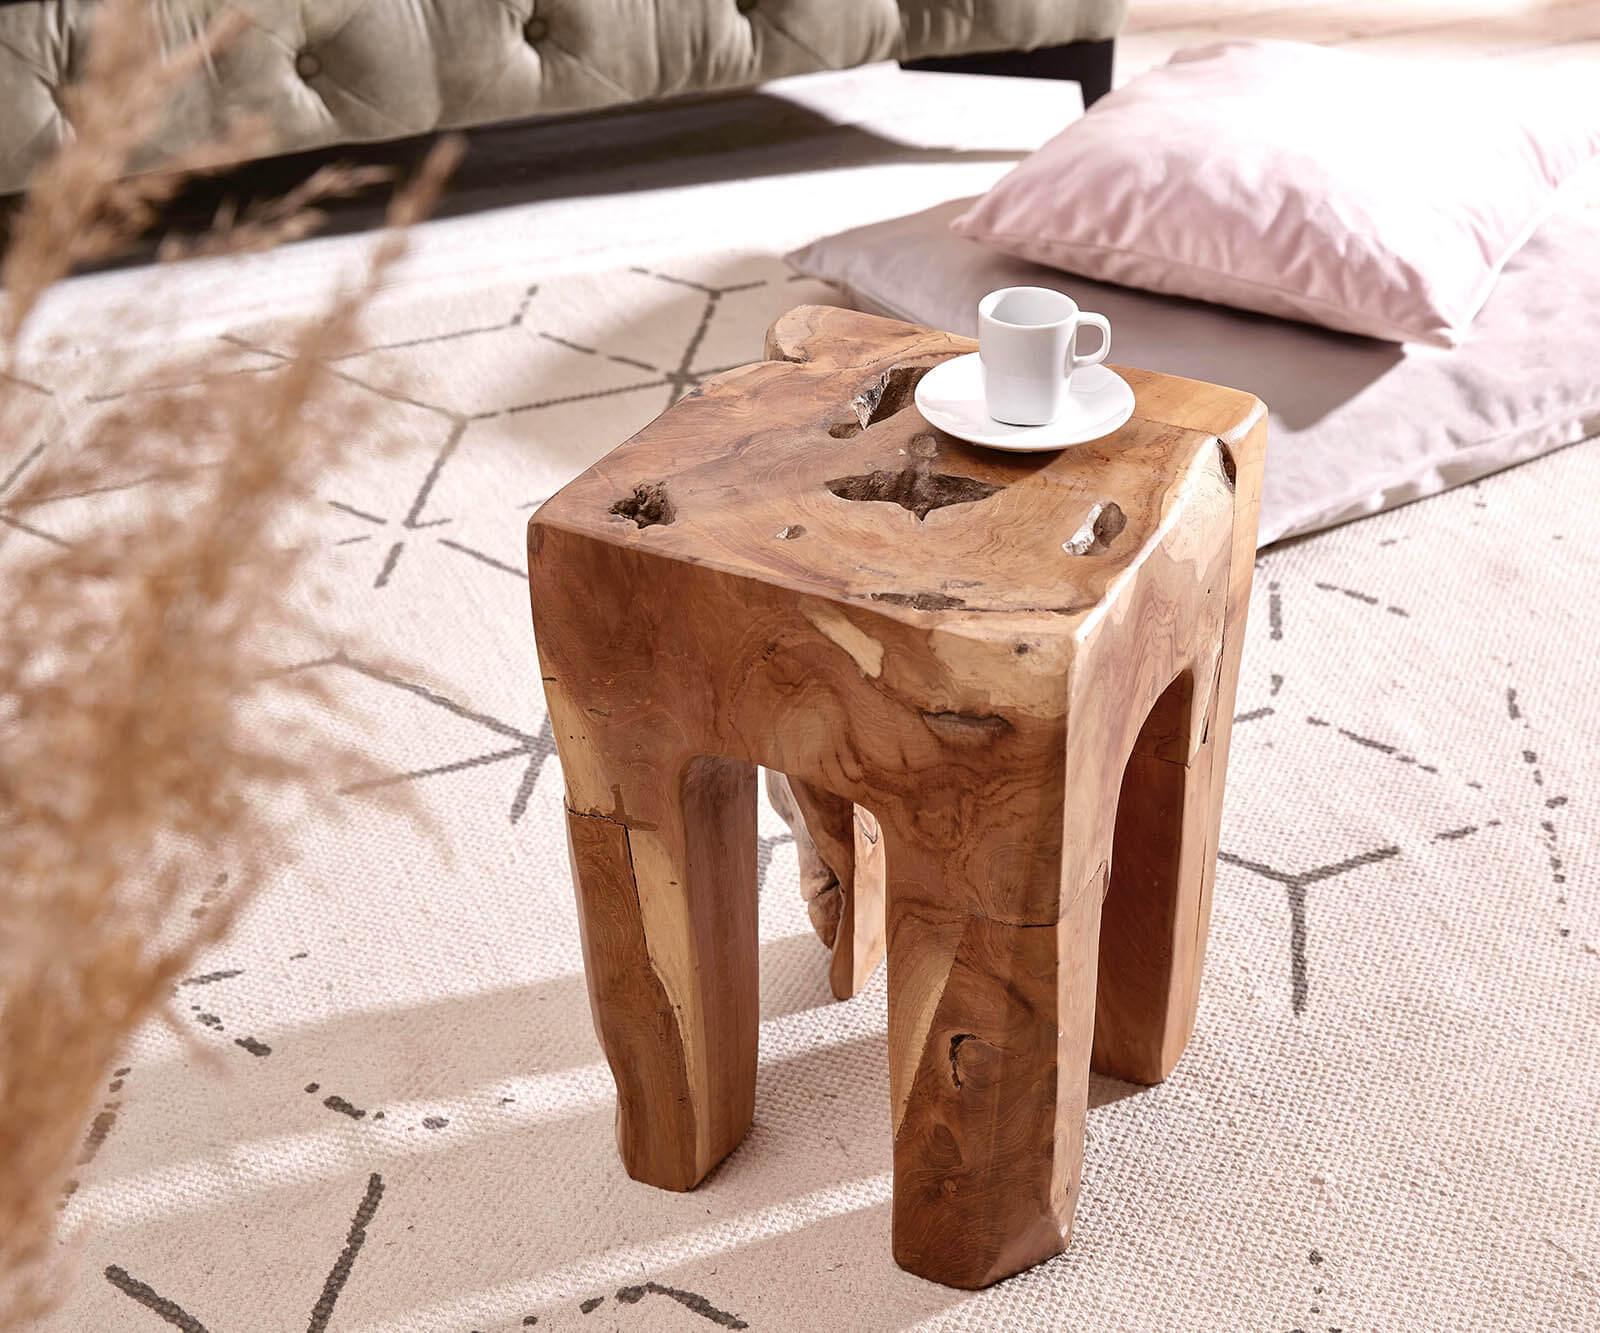 delife-beistelltisch-benn-30x30-cm-teak-natur-massivholz-beistelltische